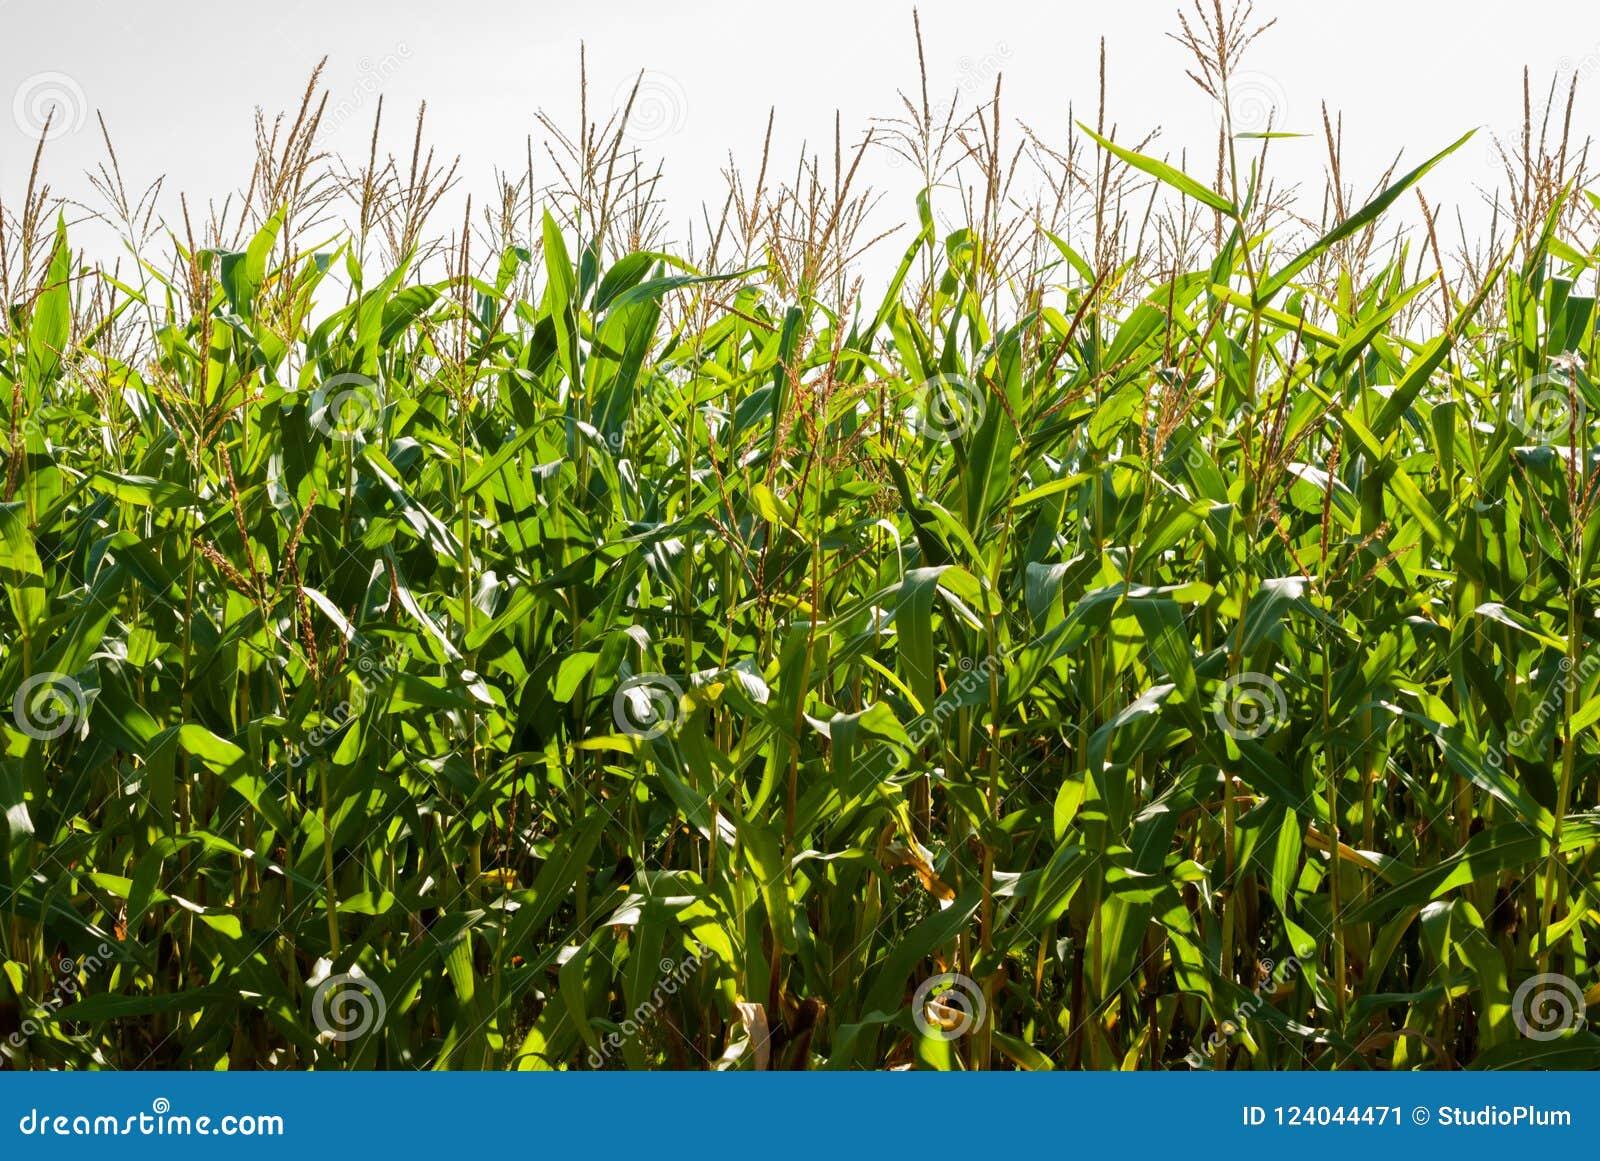 Campo de maíz en un día soleado a finales del verano